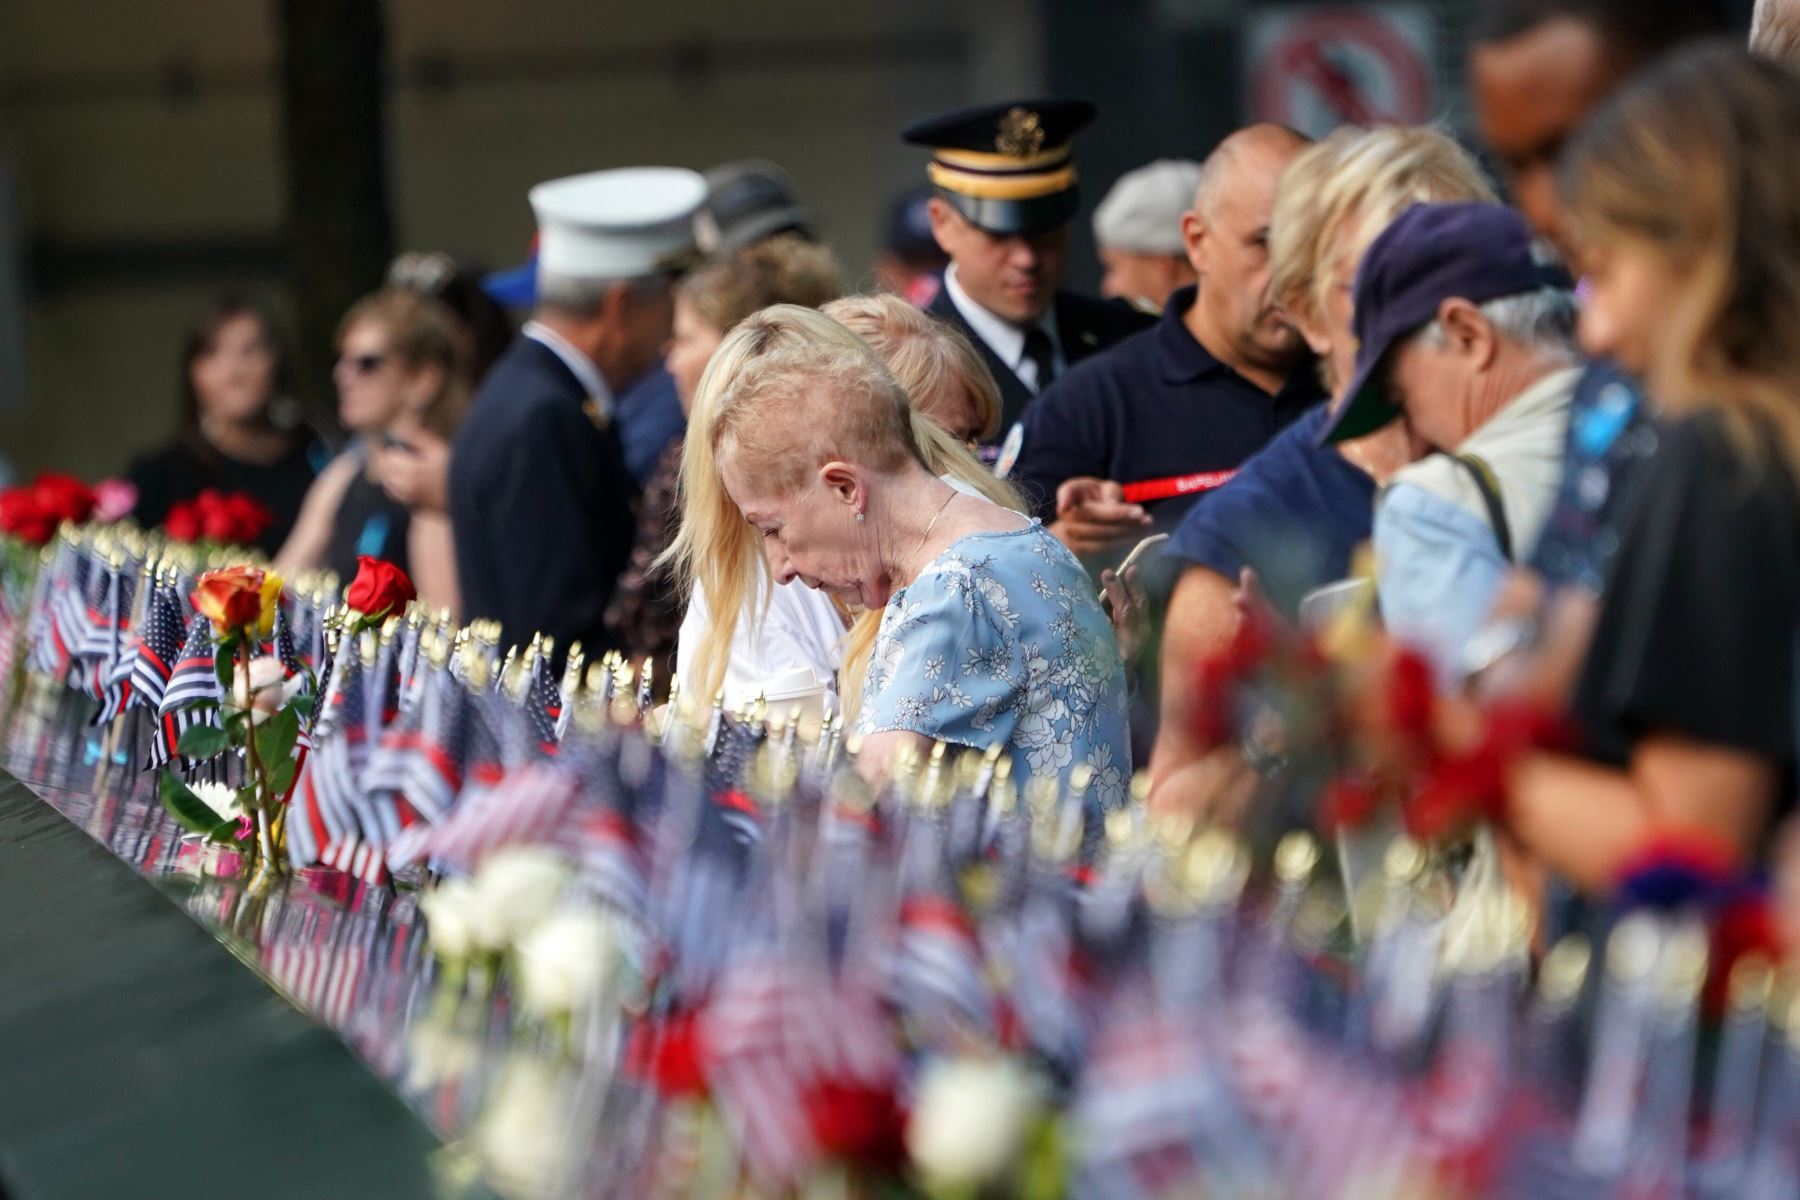 La gente deja flores y banderas durante la Ceremonia de Conmemoración del 11 de septiembre en el 9/11 Memorial en el World Trade Center  en Nueva York. Foto: AFP